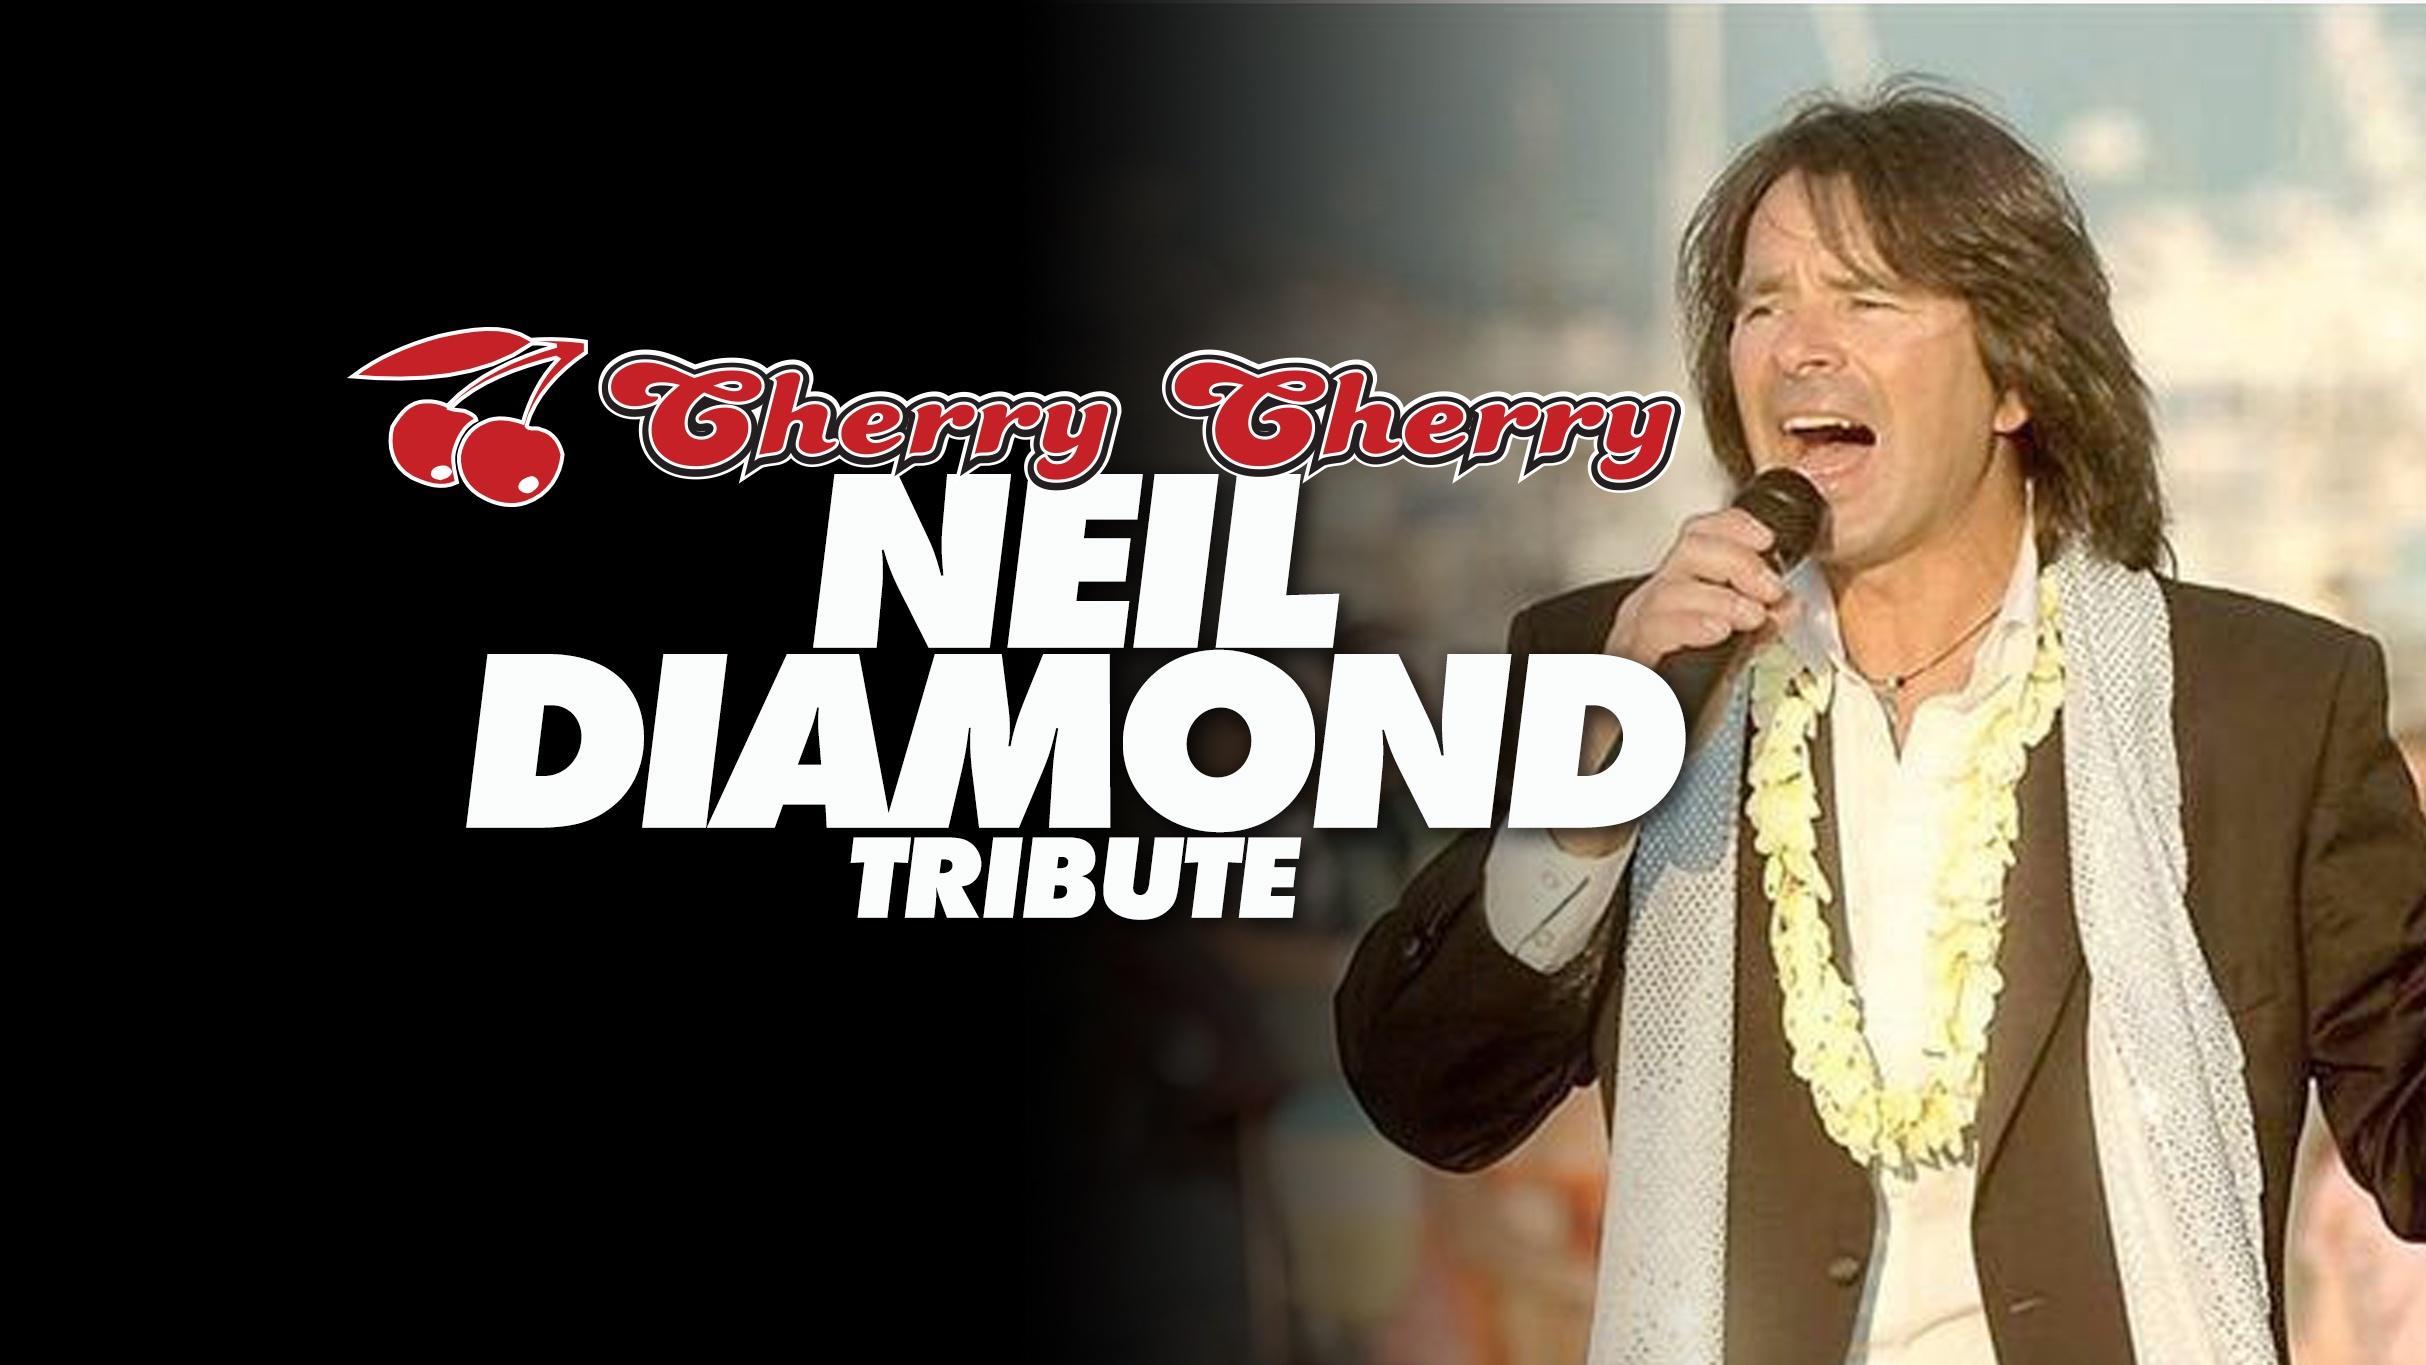 Cherry Cherry Neil Diamond Tribute